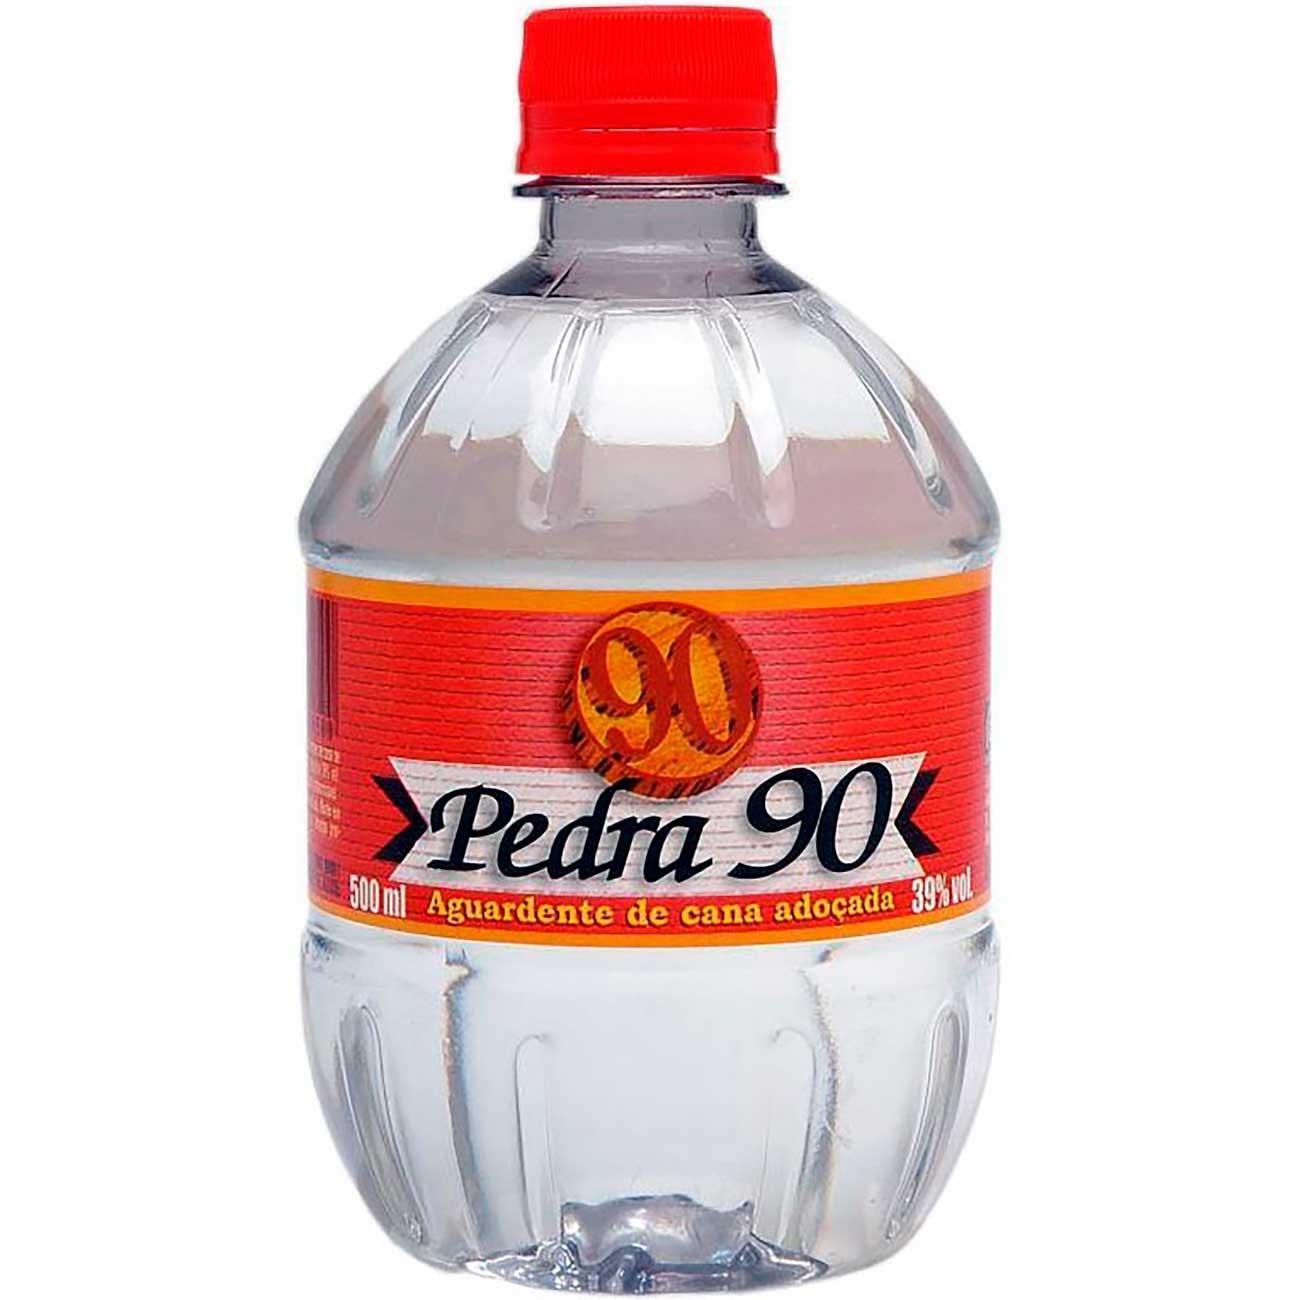 Aguardente Pedra 90 Pet 500ml | Caixa com 12 unidades